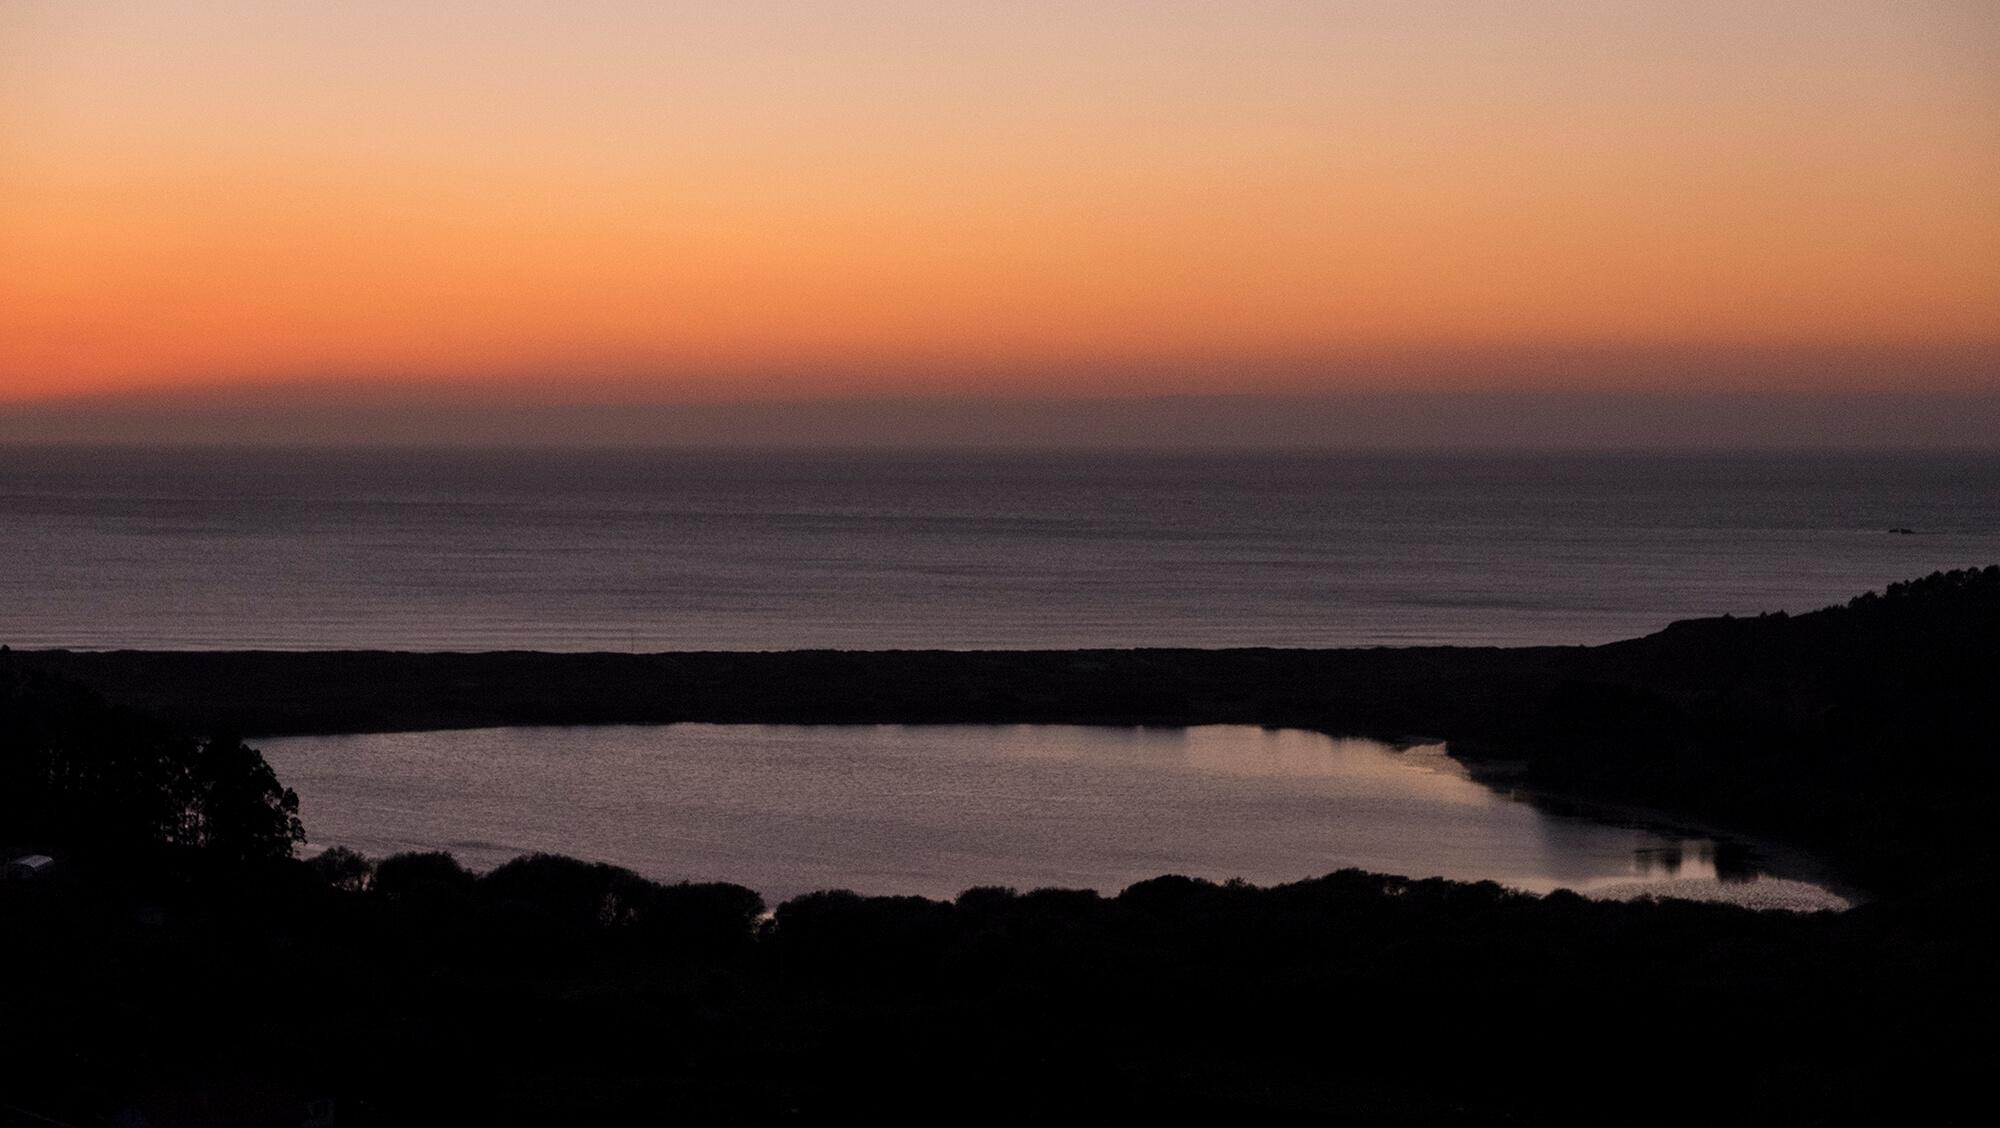 Atardecer en la laguna de Doniños en Ferrol - Galicia